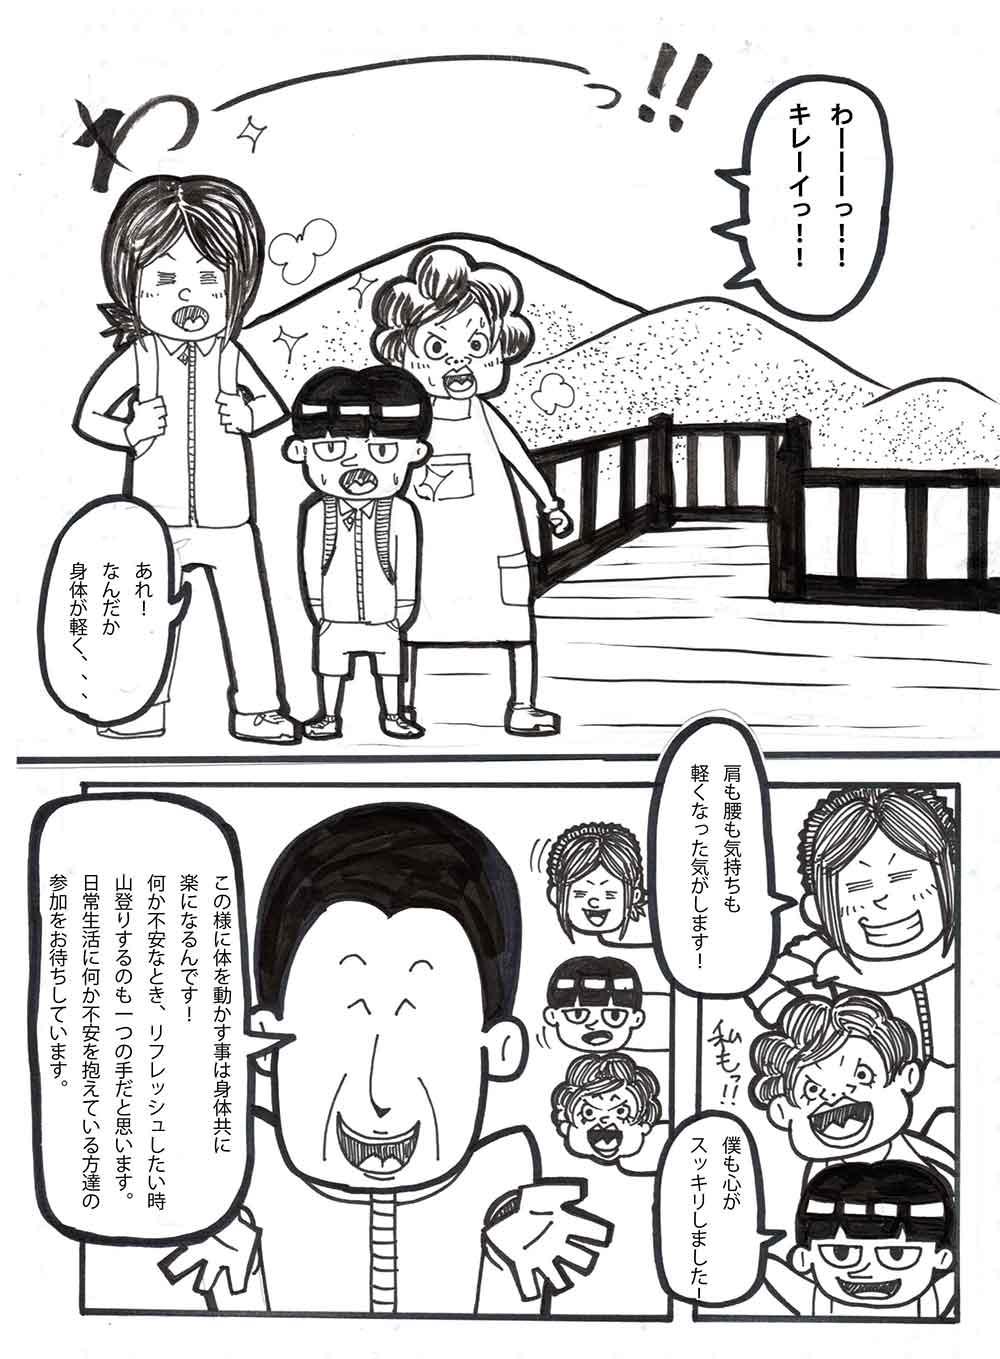 漫画5ページ目